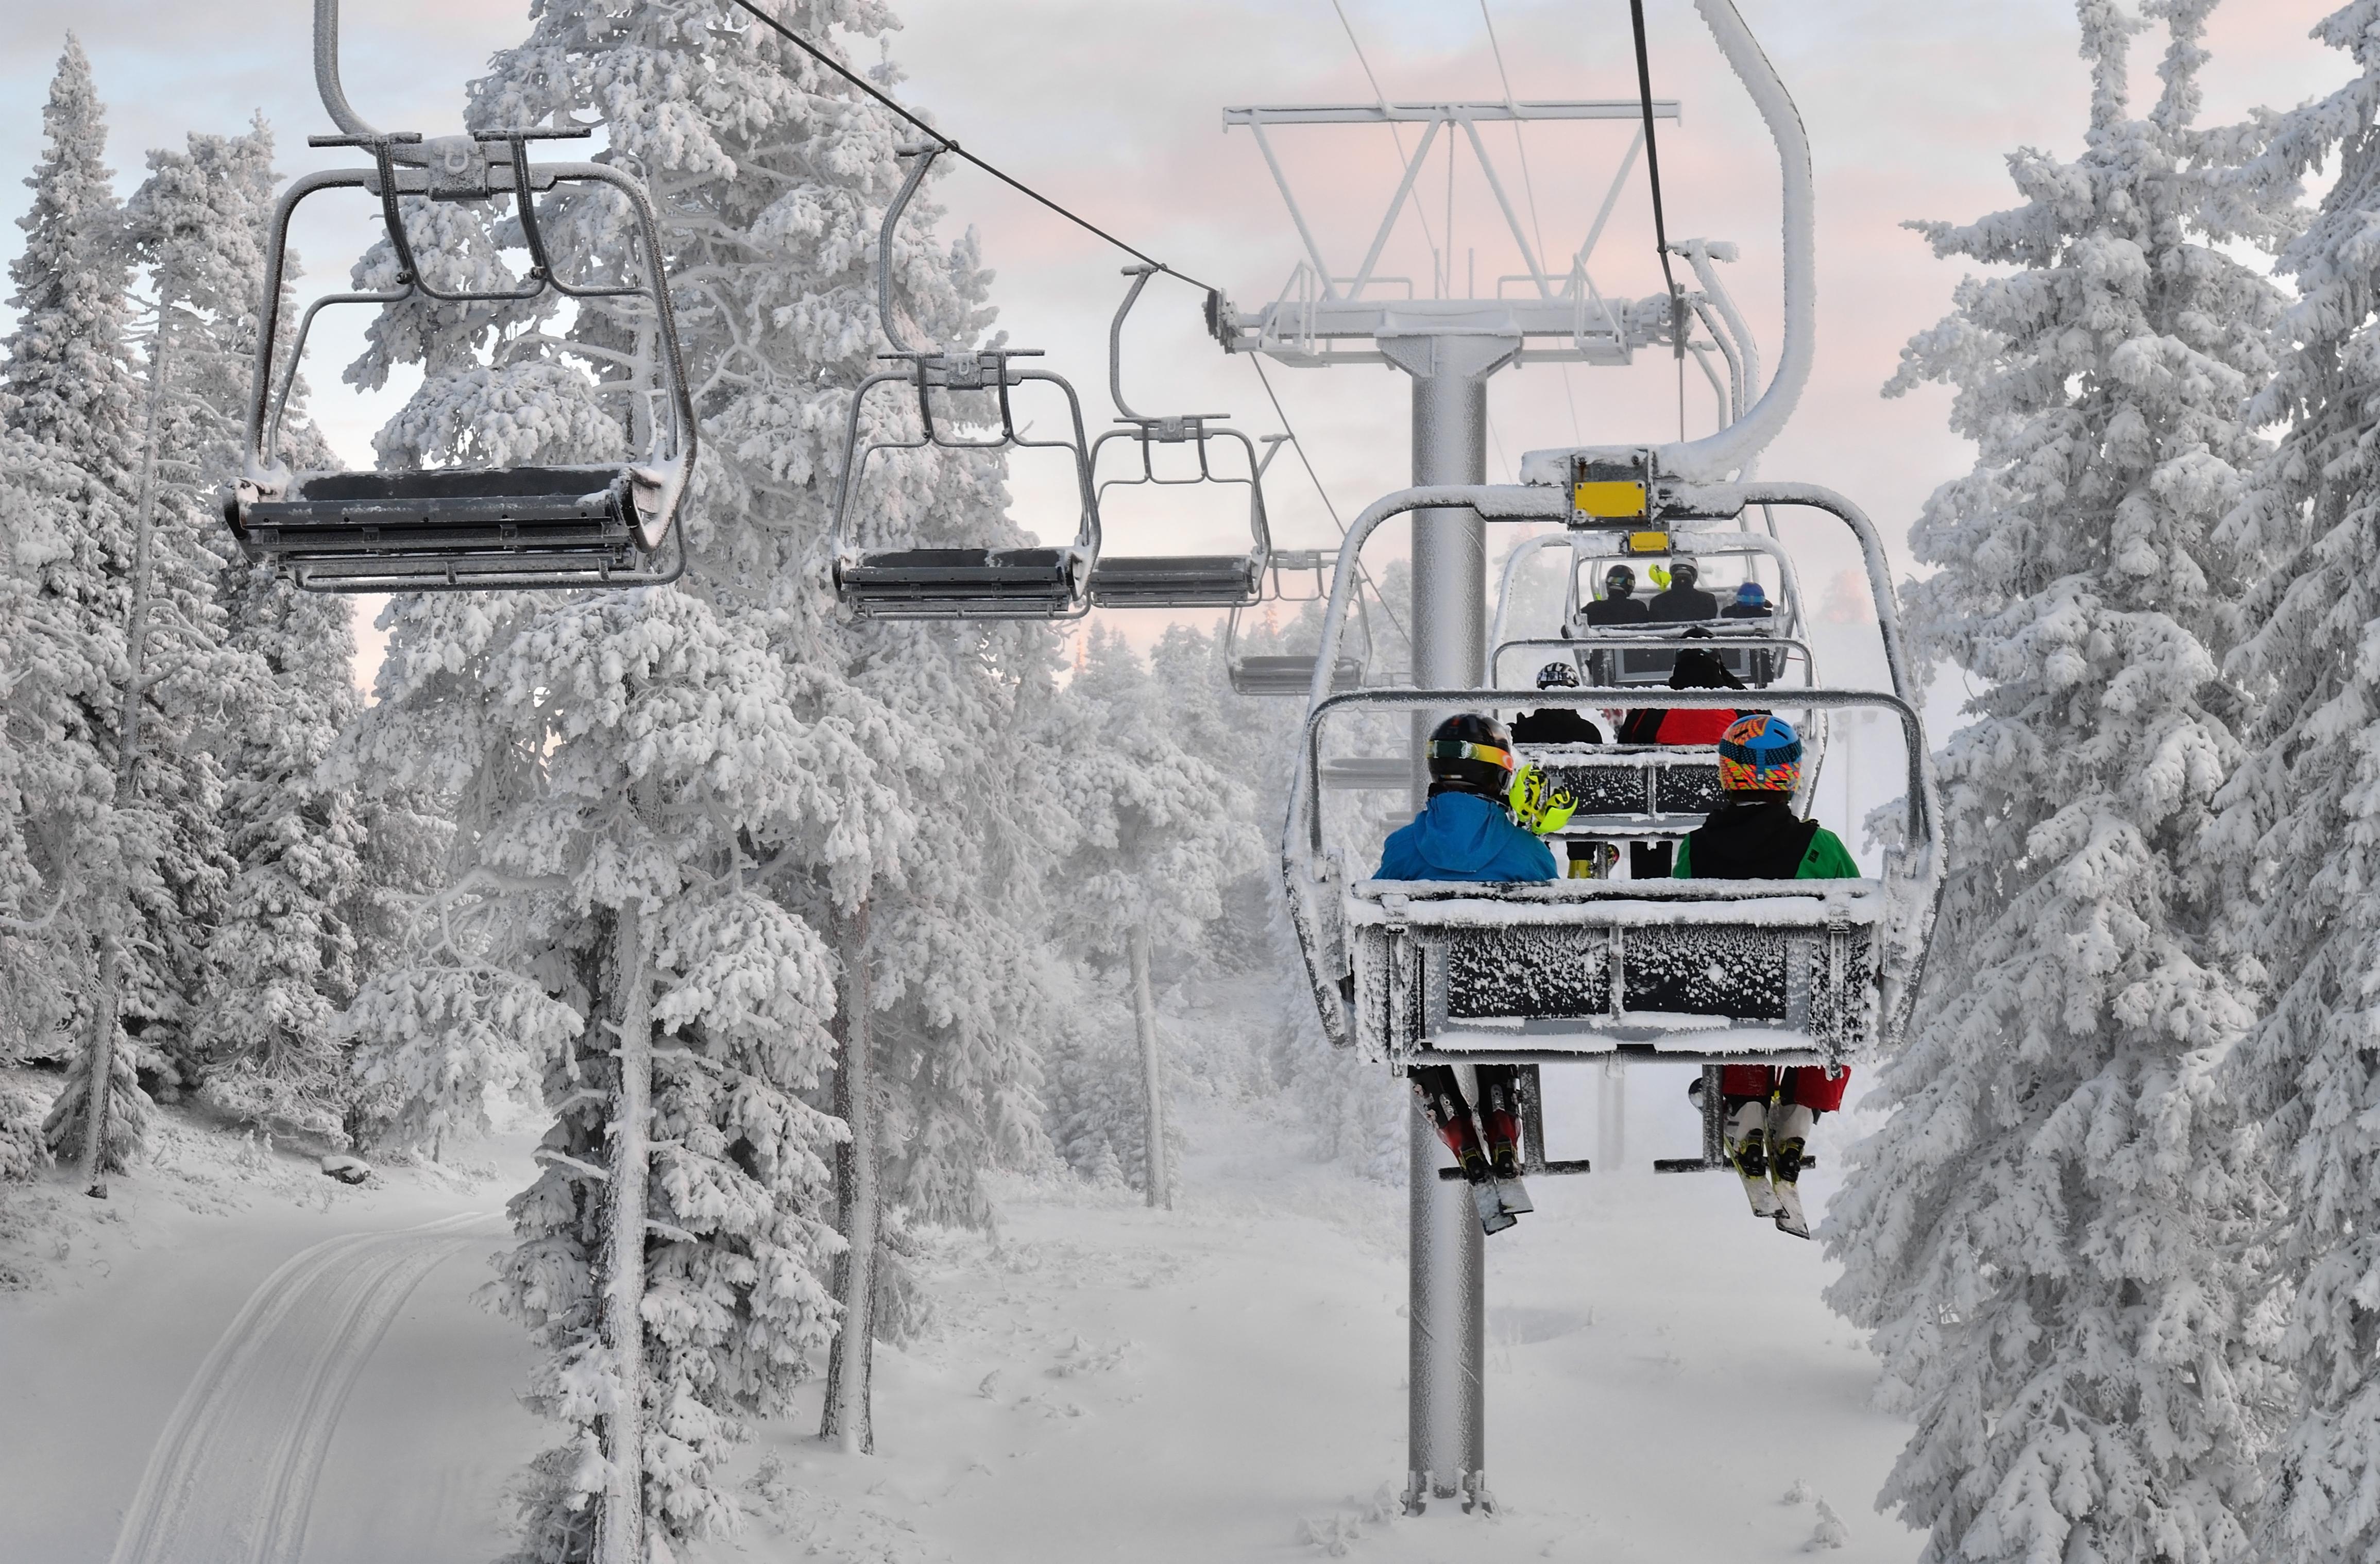 Practicar esquí de fondo en Ruka - Finlandia Circuito Laponia y Ruka